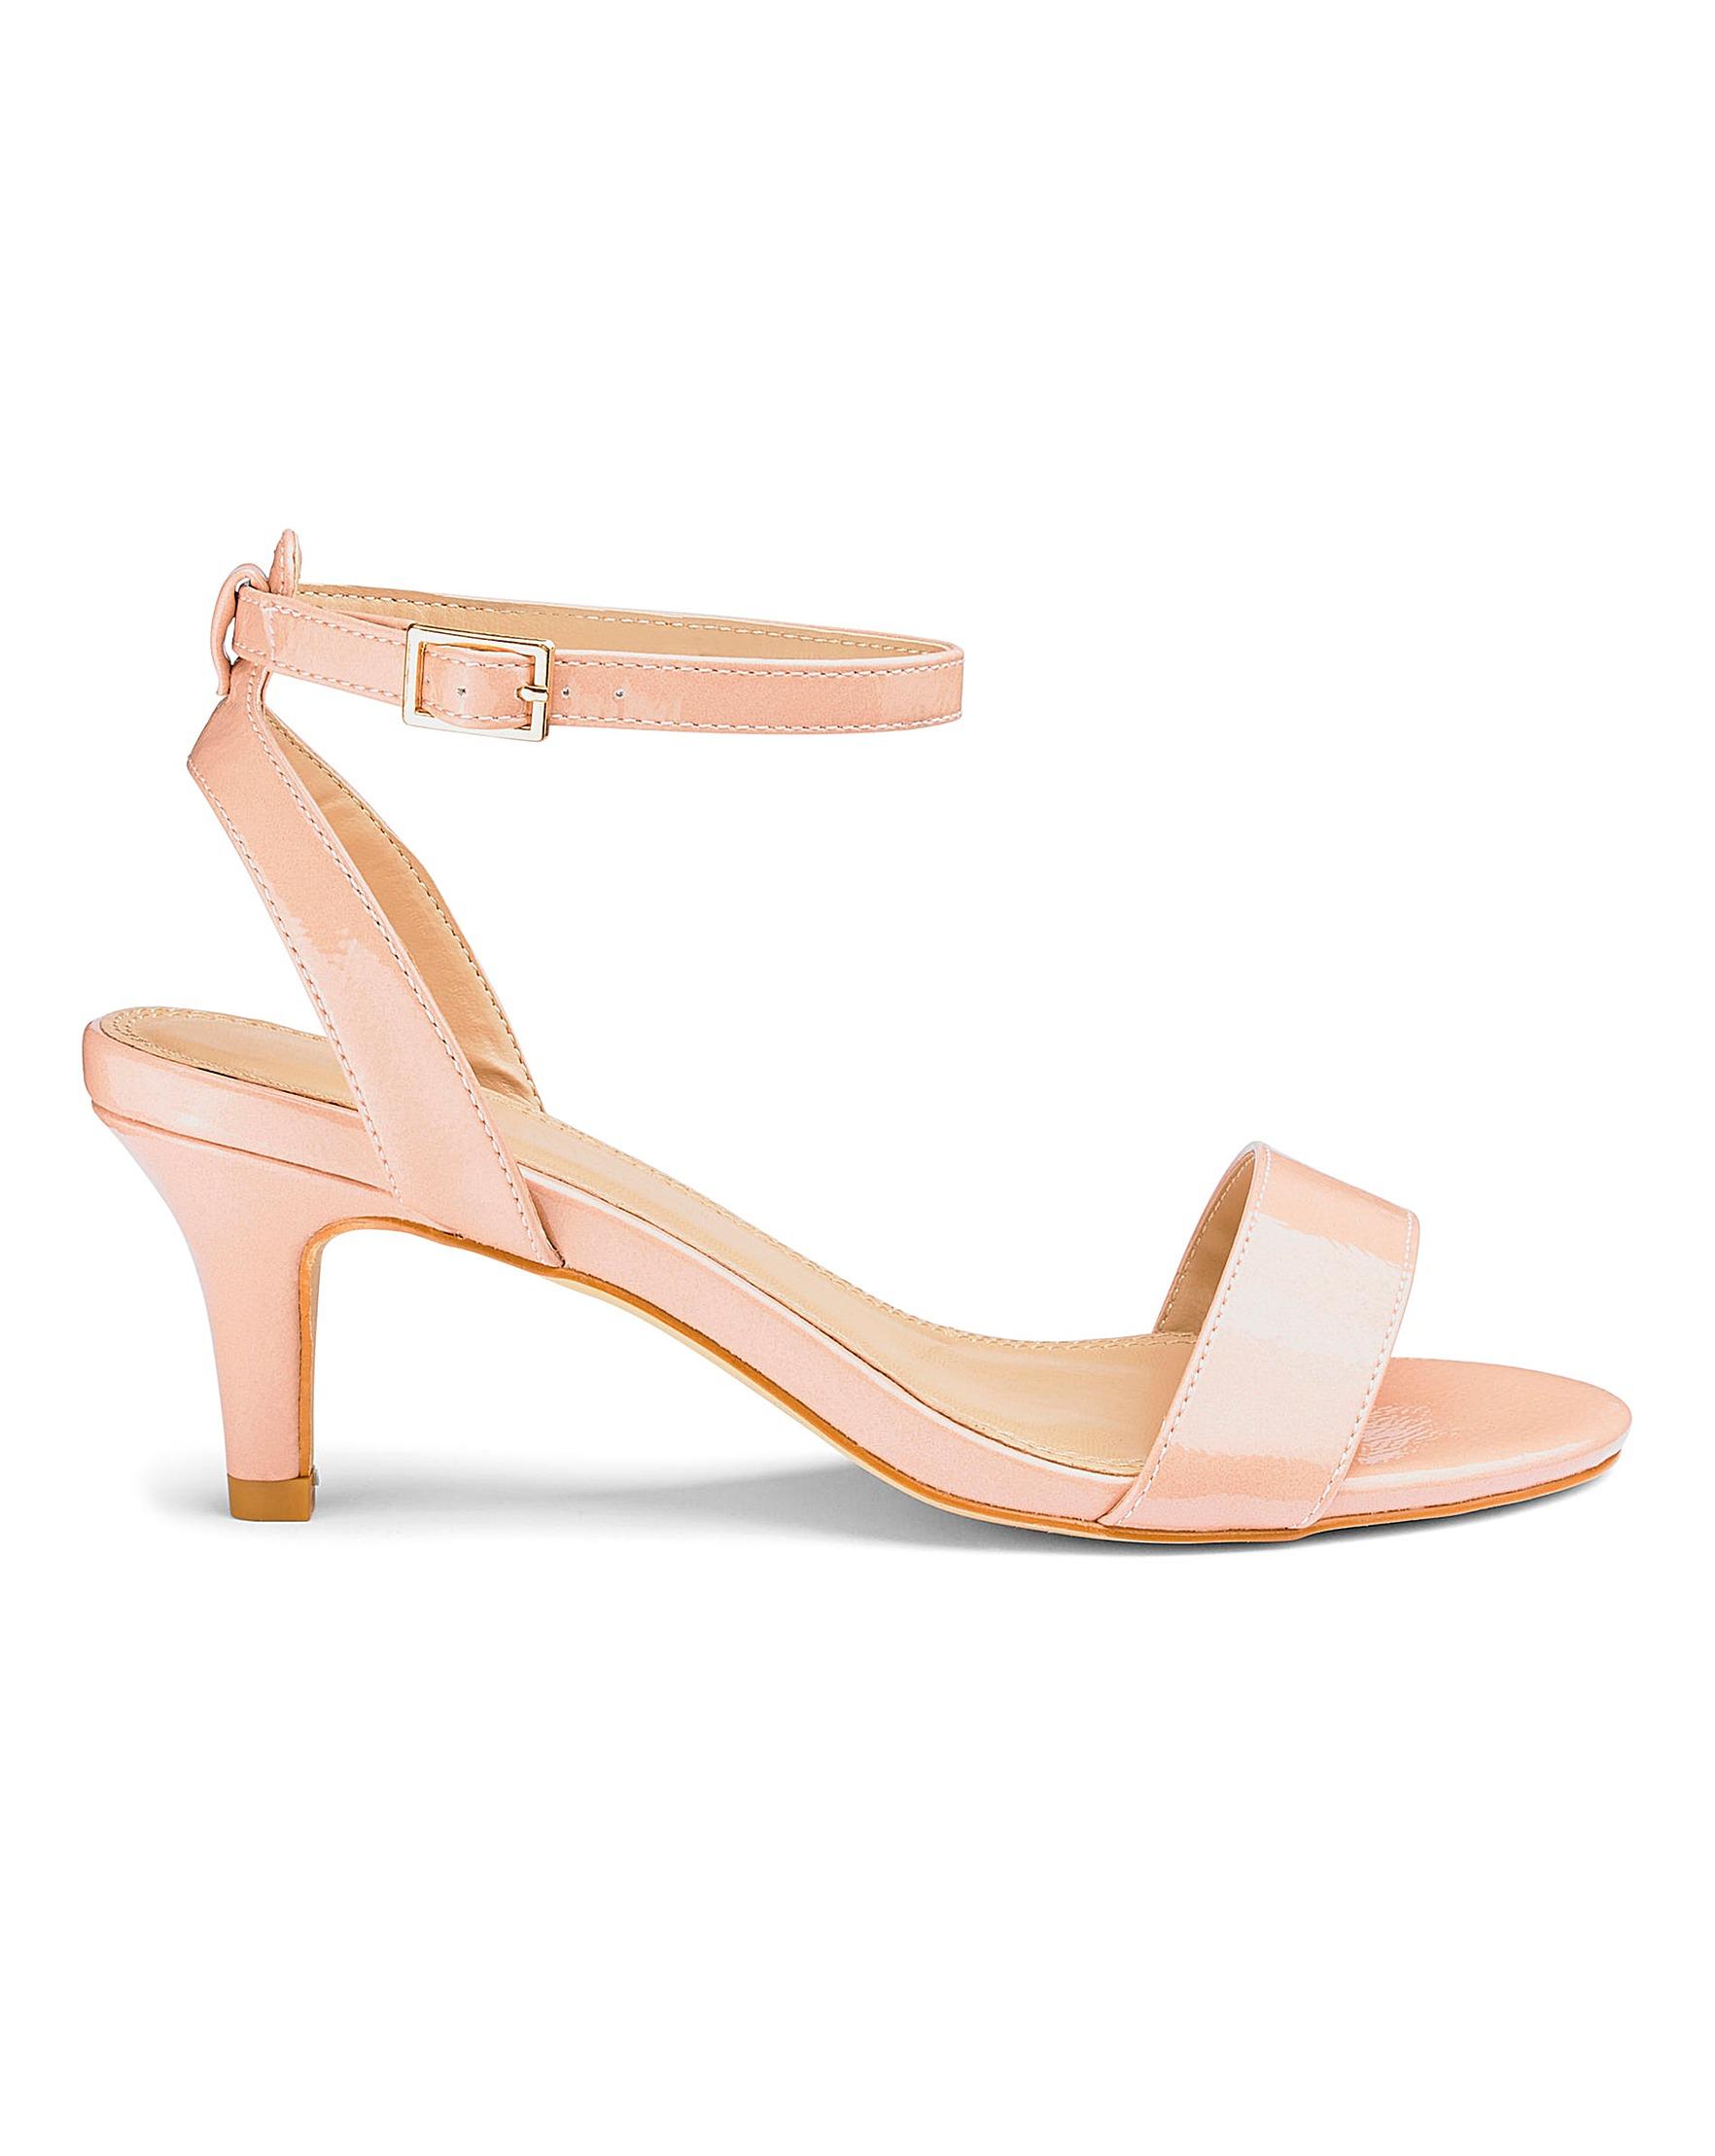 a285af0513d7 Kitten Heel Strappy Sandals E Fit